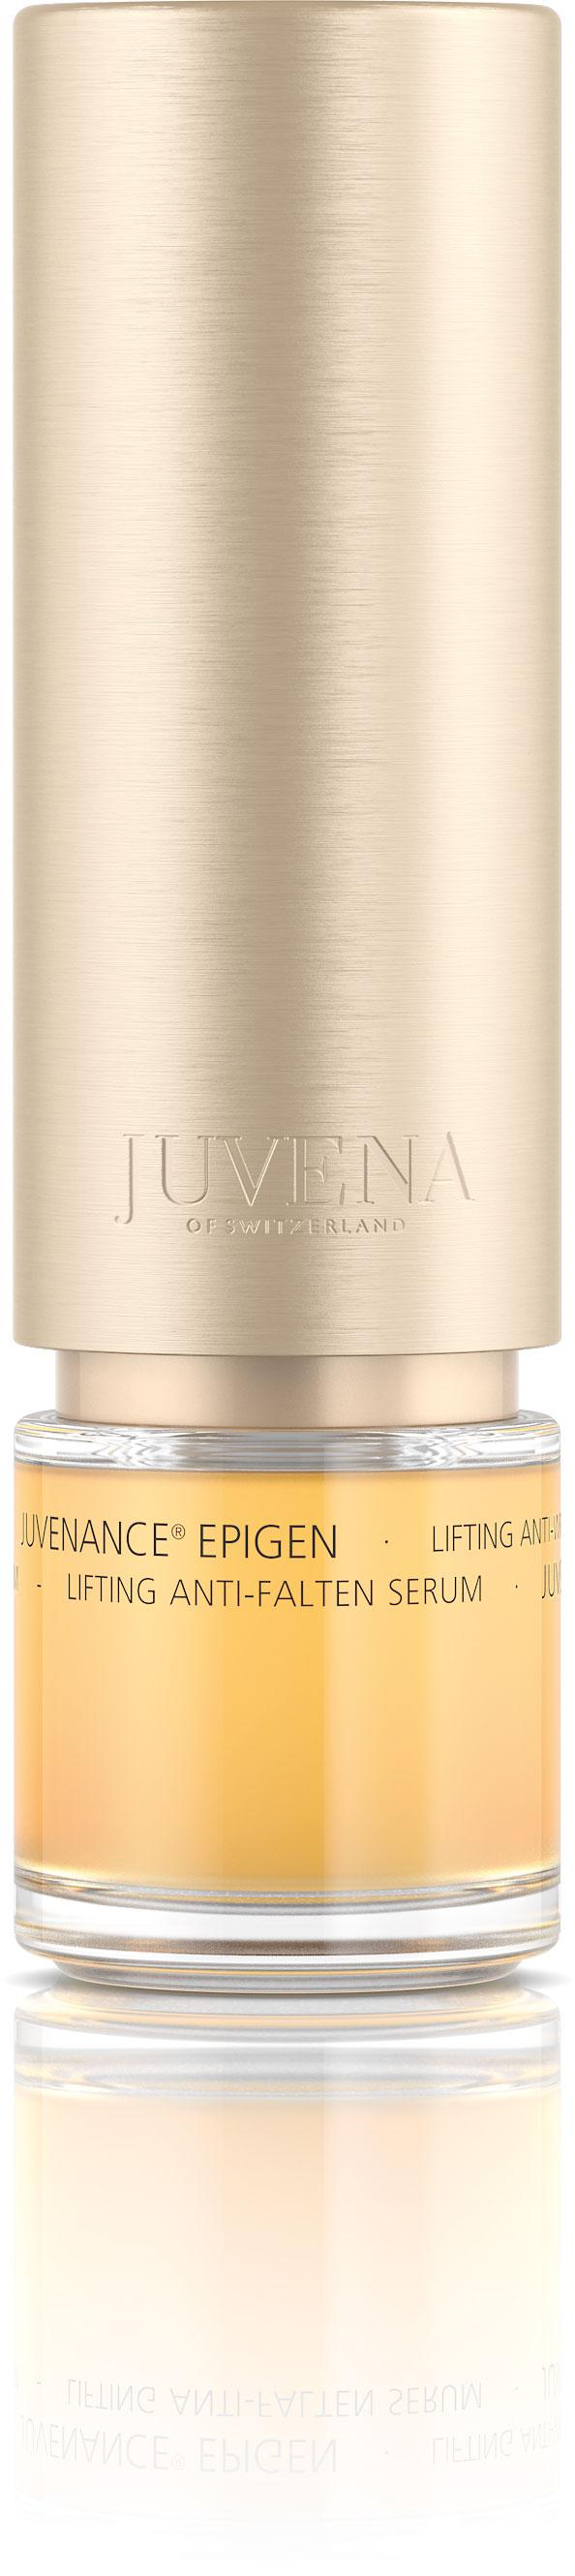 Juvena Epigen Lift A Wrinkle Serum Face & Eyes 30 ml